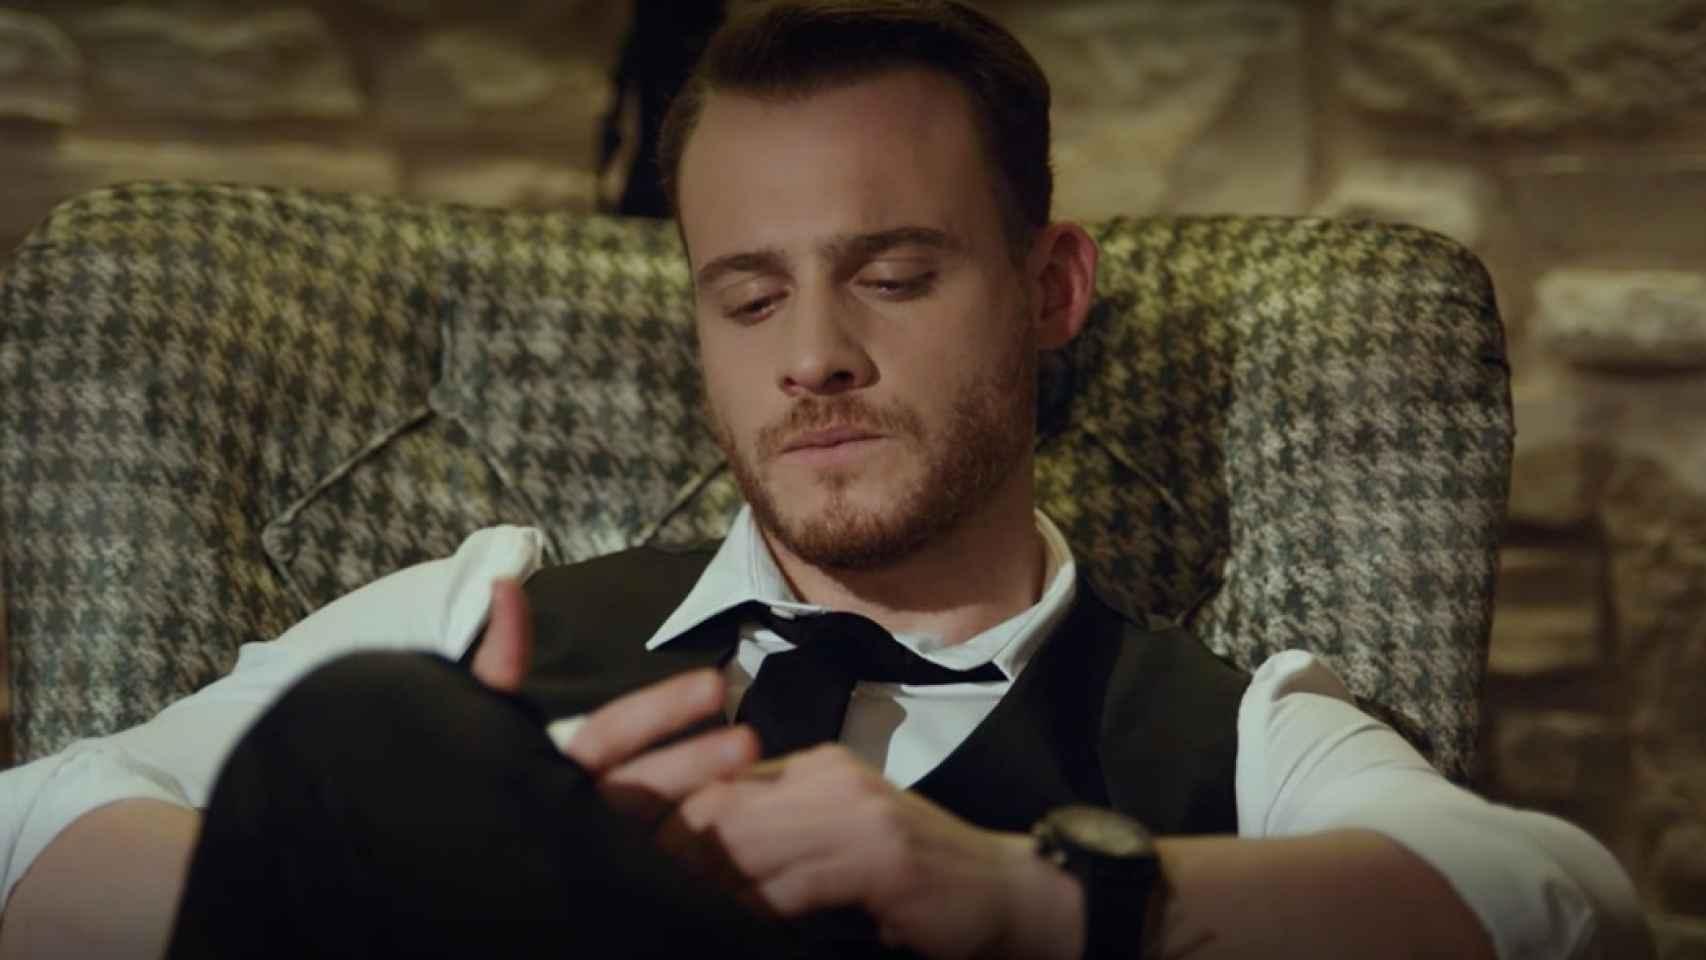 La relación de Serkan y Eda debe terminar, en los nuevos capítulos de 'Love is in the air' del miércoles 24